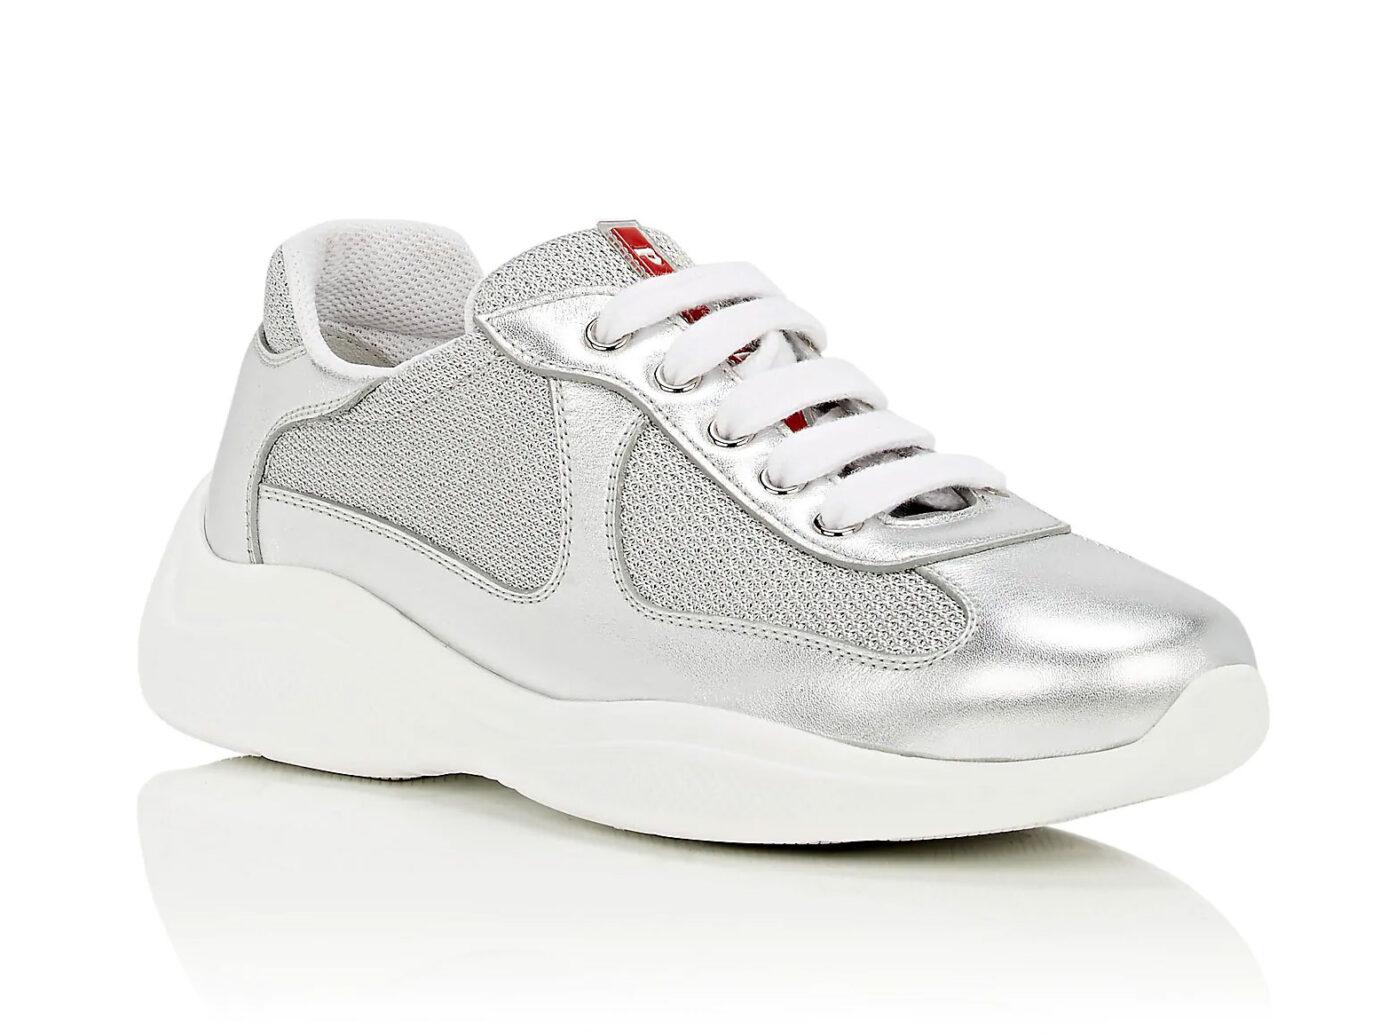 Prada Mixed-Material Sneakers